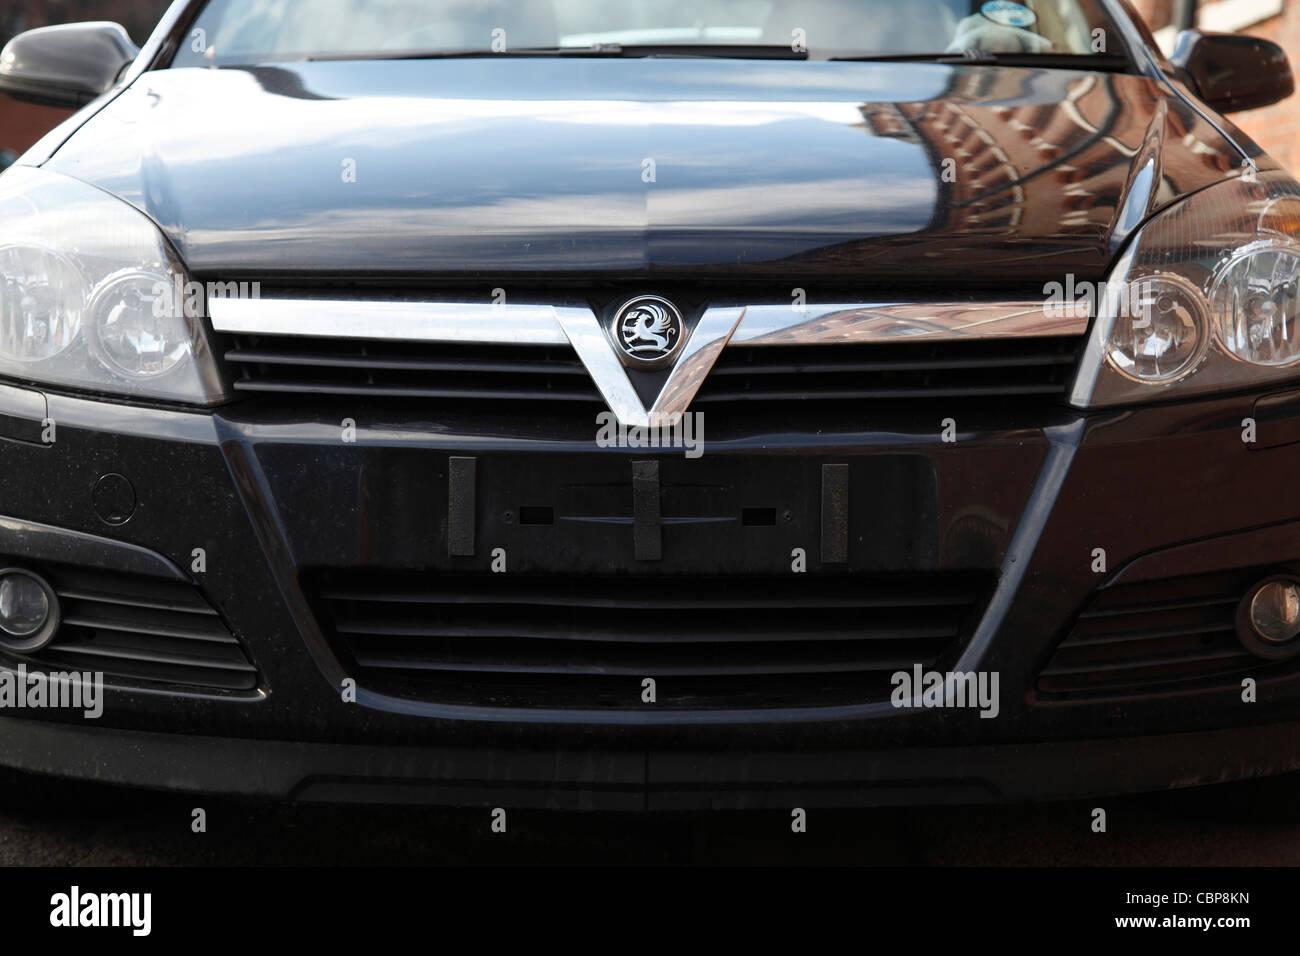 Les plaques d'immatriculation des véhicules volés dans une voiture au Royaume-Uni. Banque D'Images